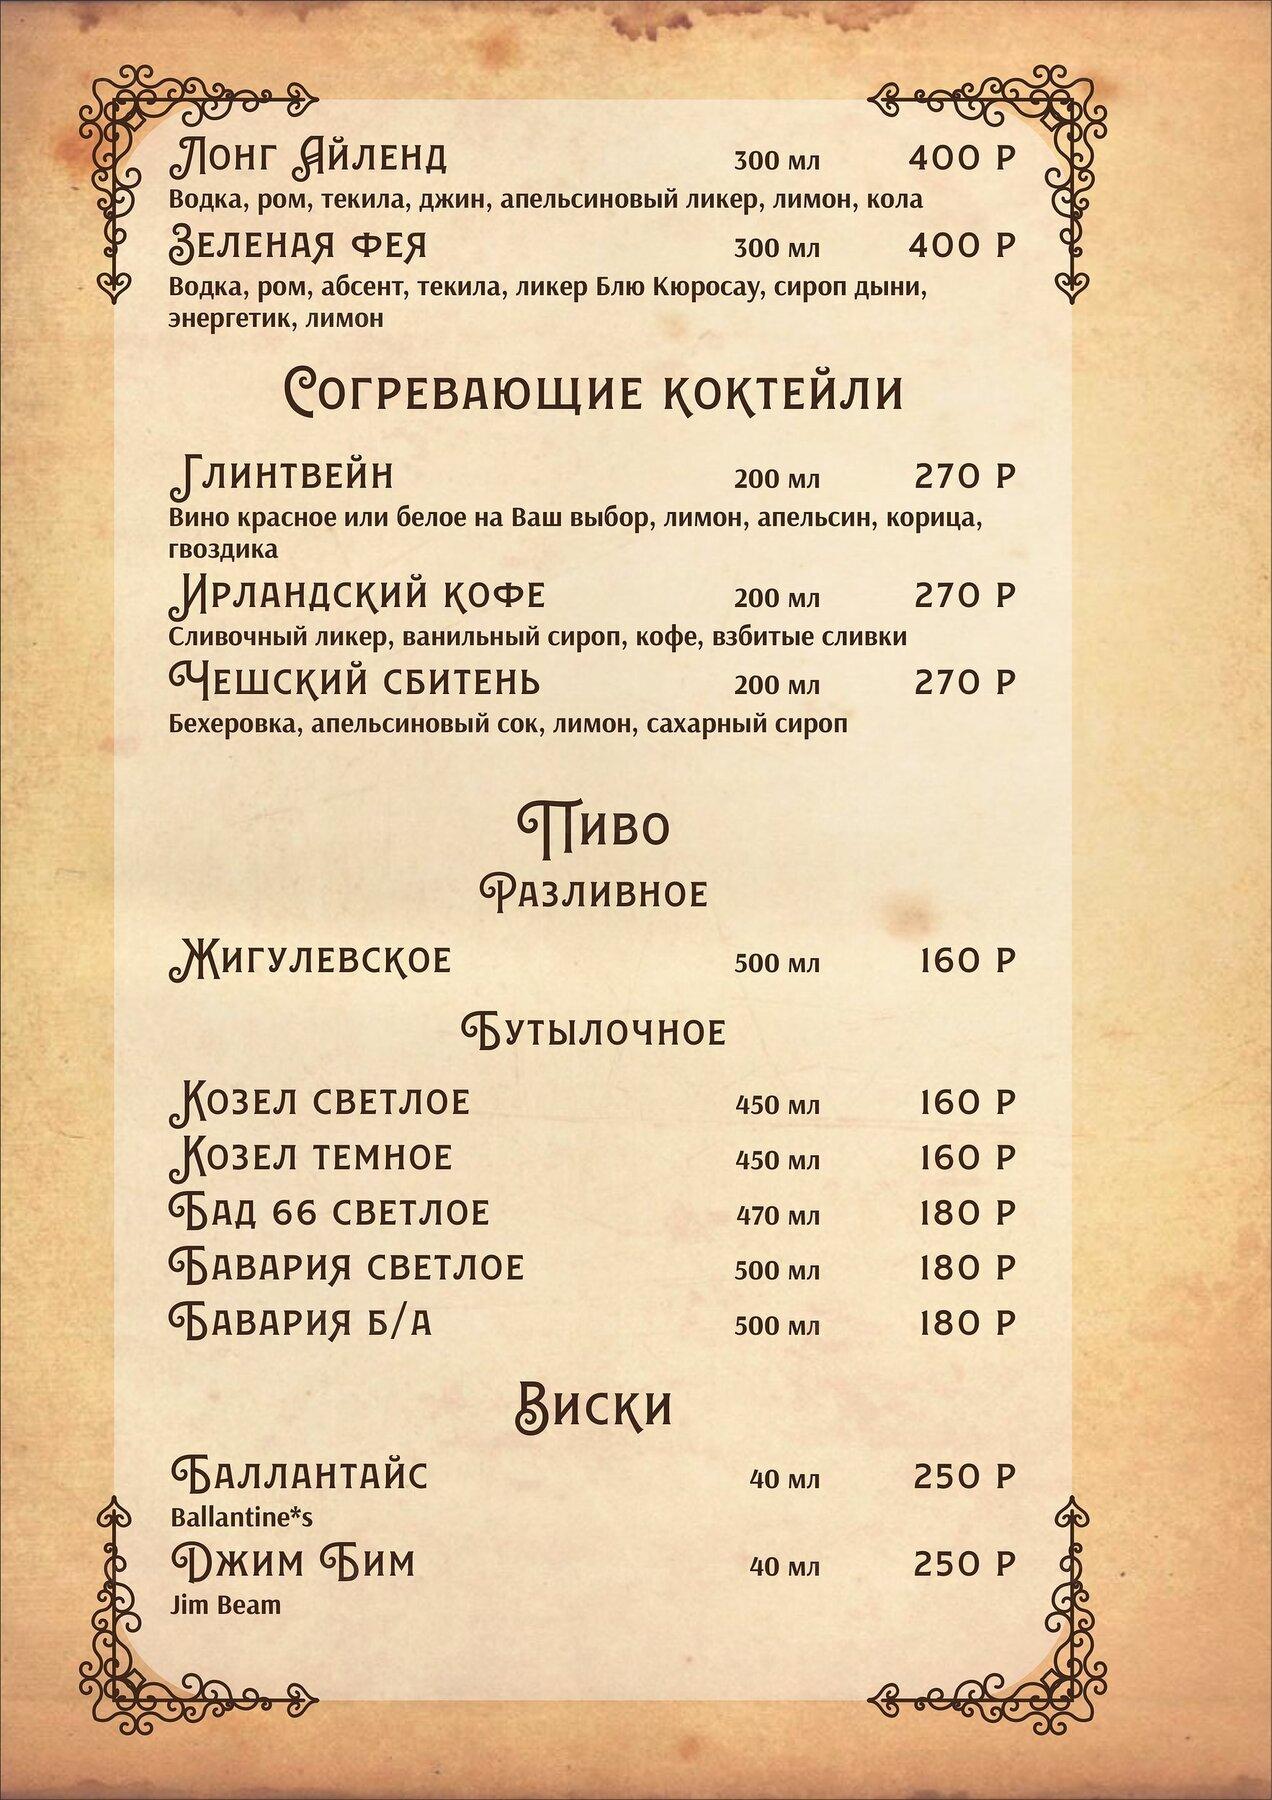 Меню кафе Грильяж на Октябрьской улице фото 18